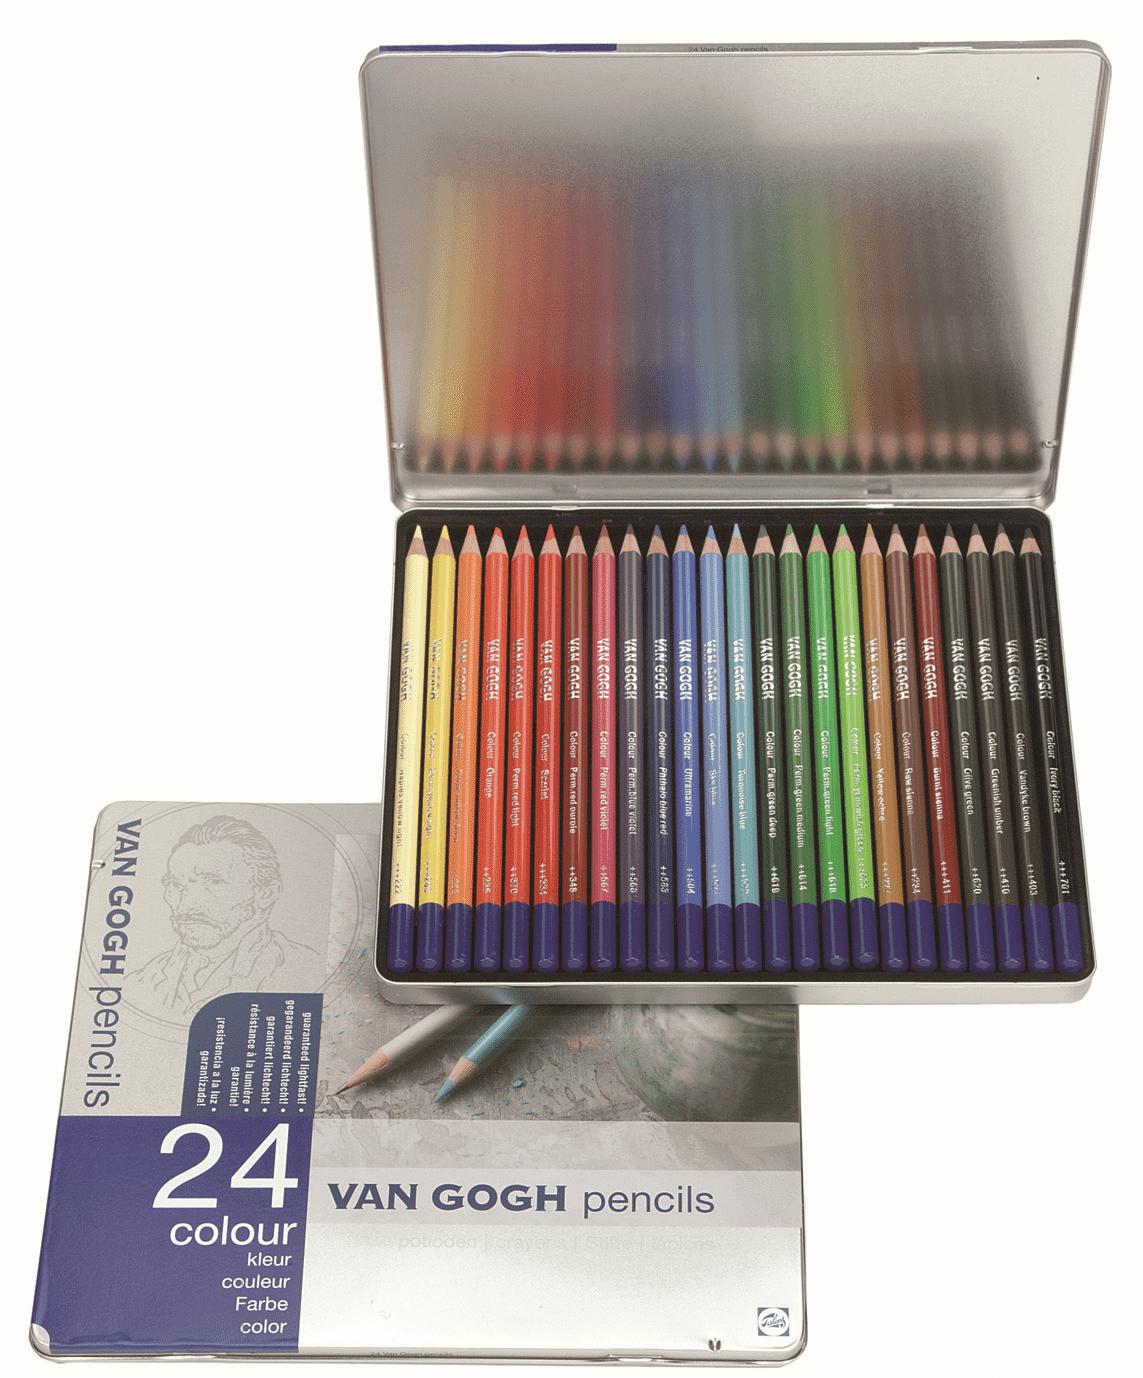 Купить Набор карандашей цветных Talens Van Gogh 24 цв, Royal Talens